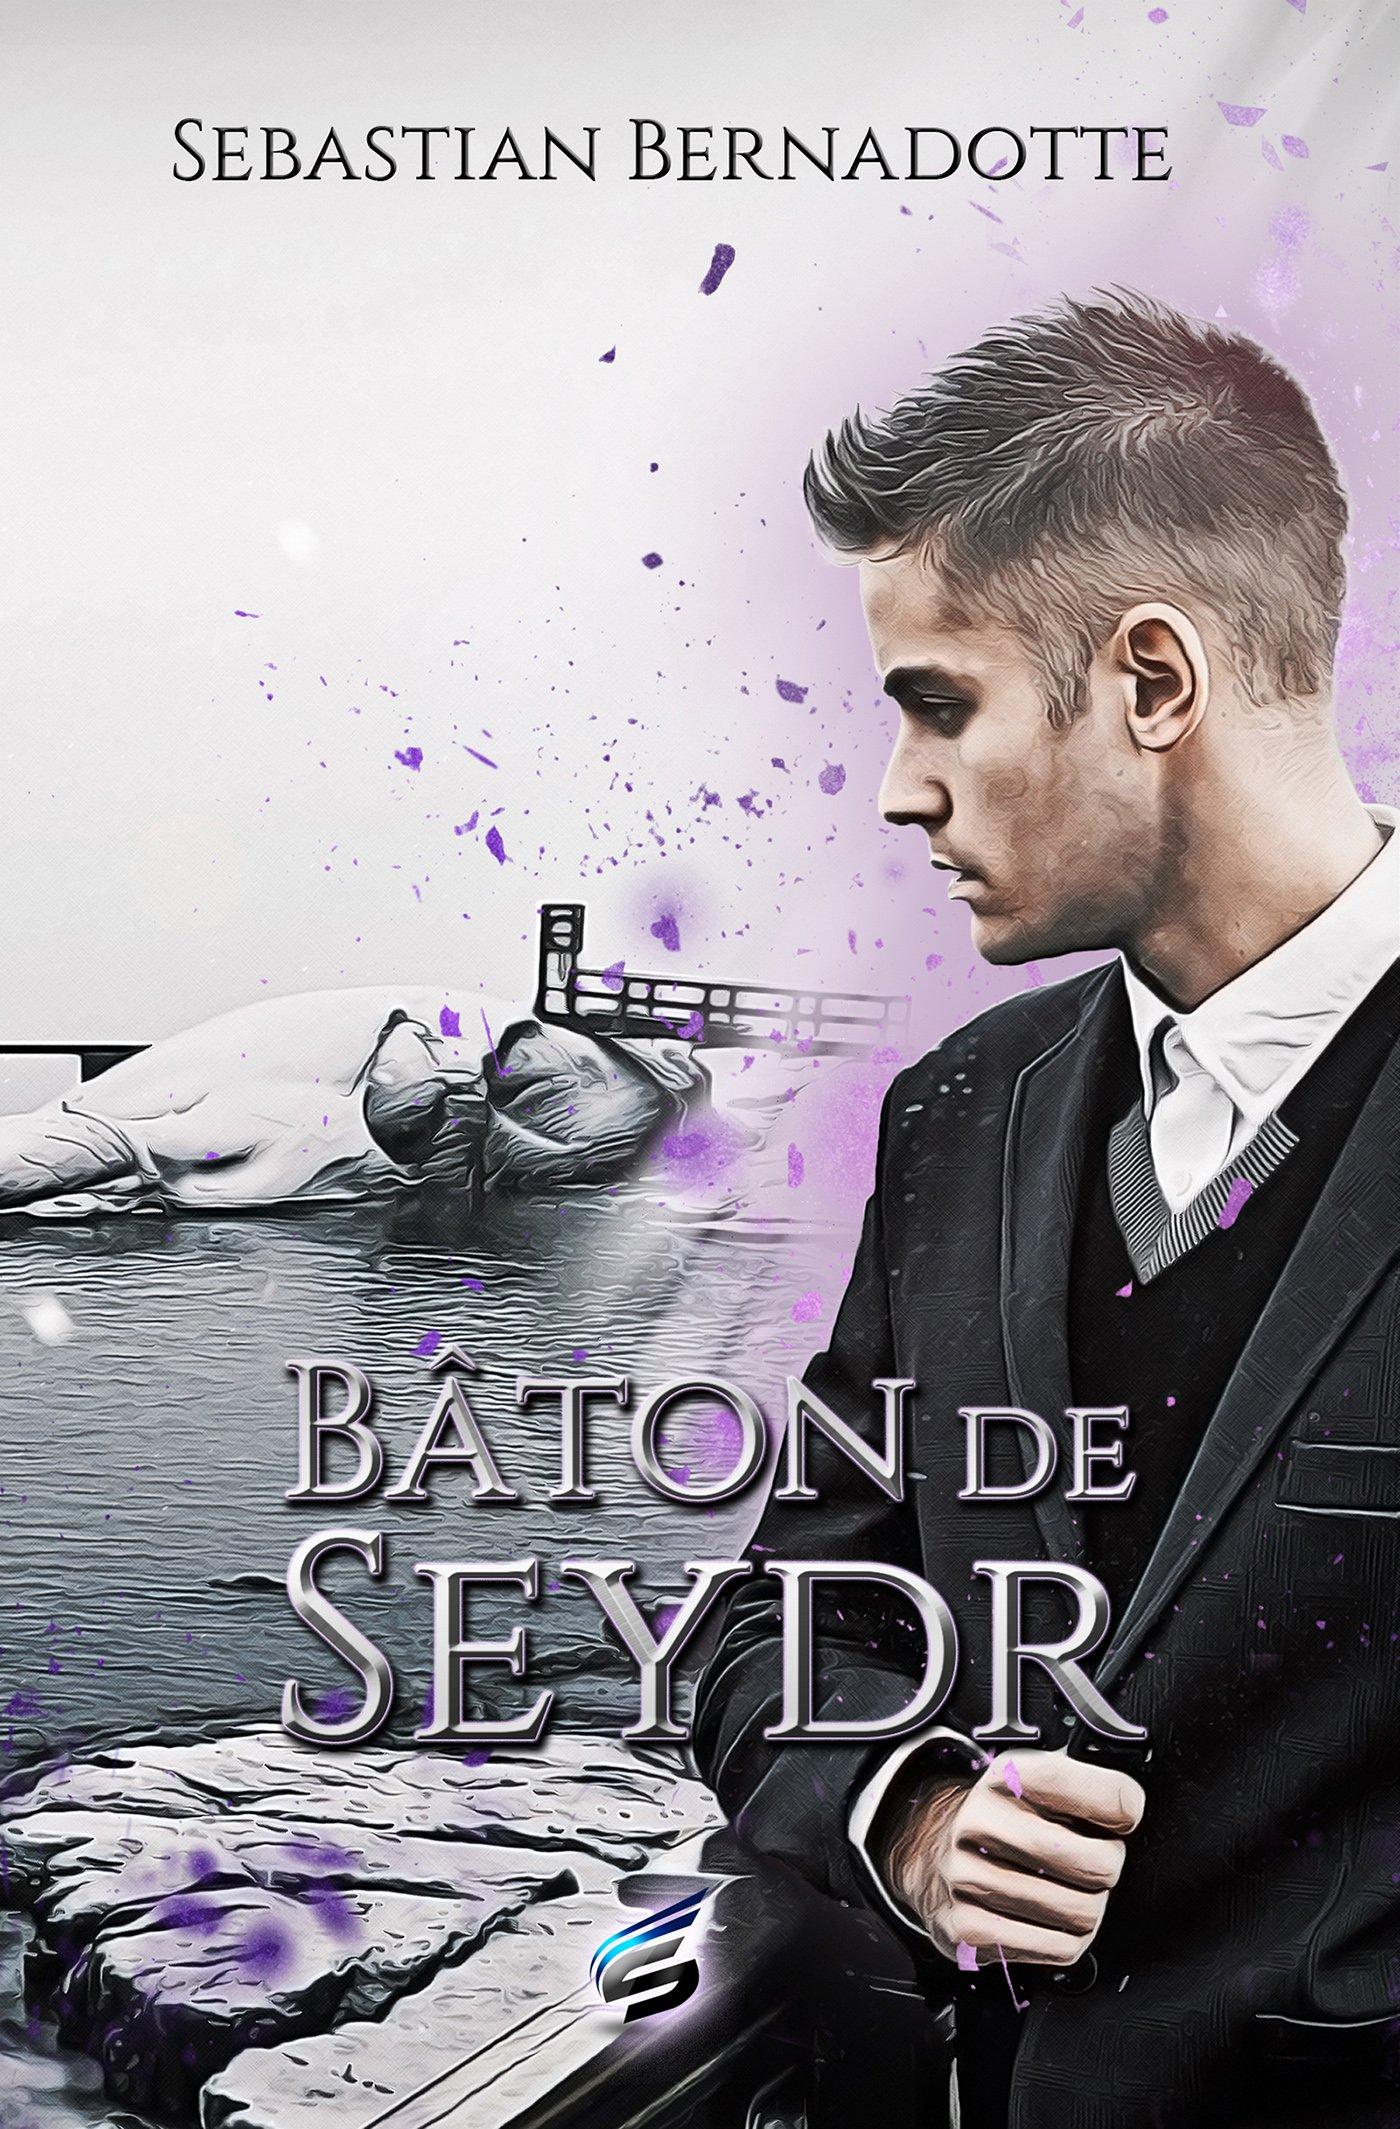 Bâton de Seydr por Sebastian Bernadotte